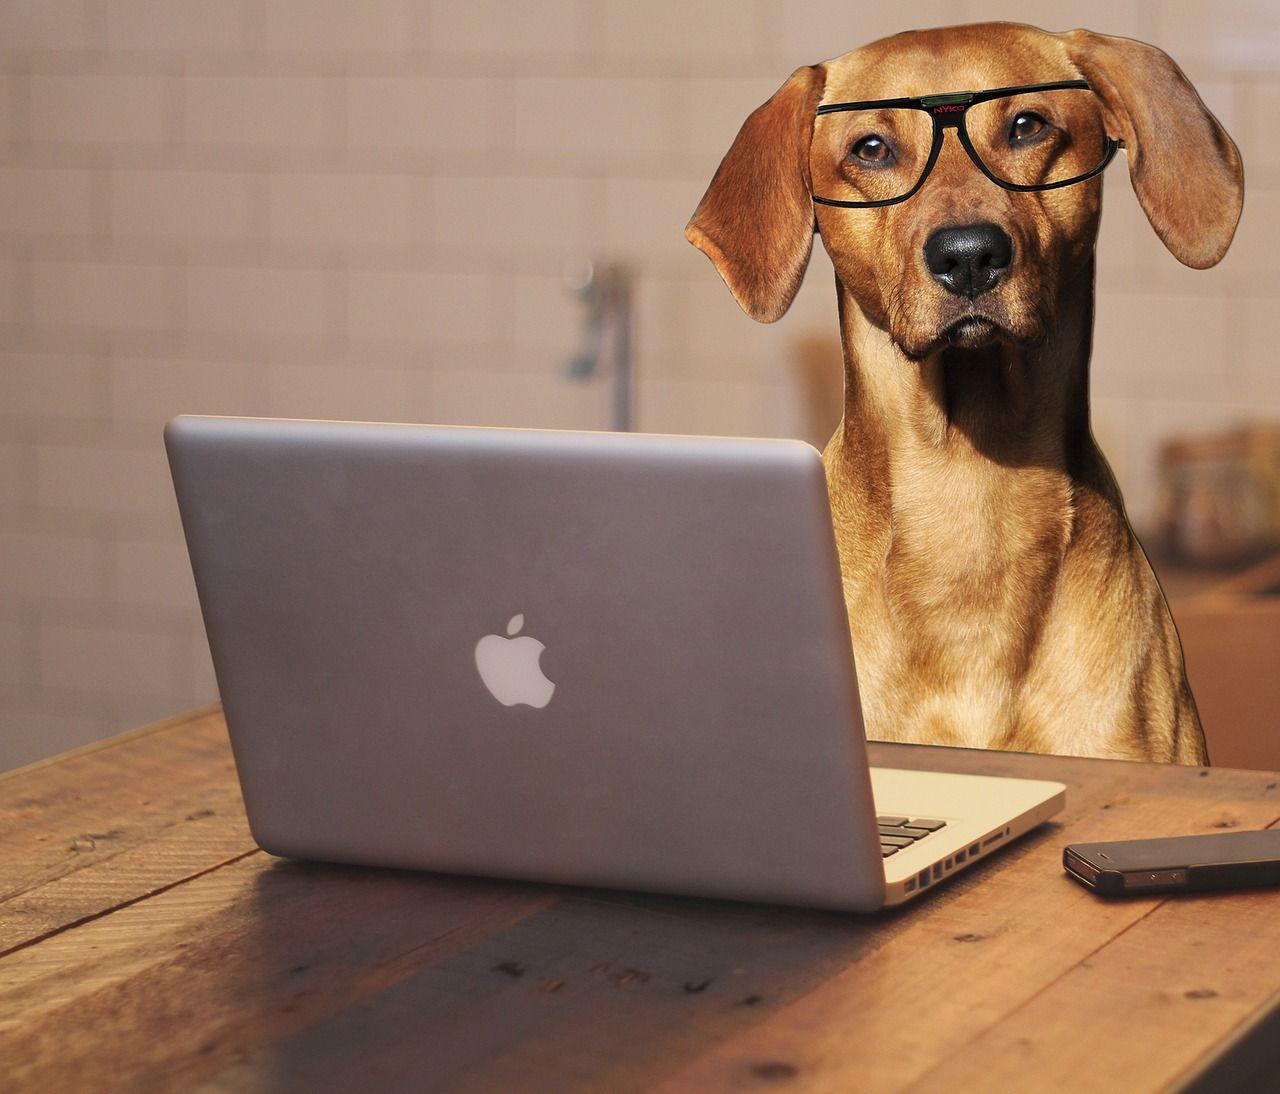 Cani in ufficio, a Genova i dipendenti comunali potranno portarsi animali domestici al lavoro